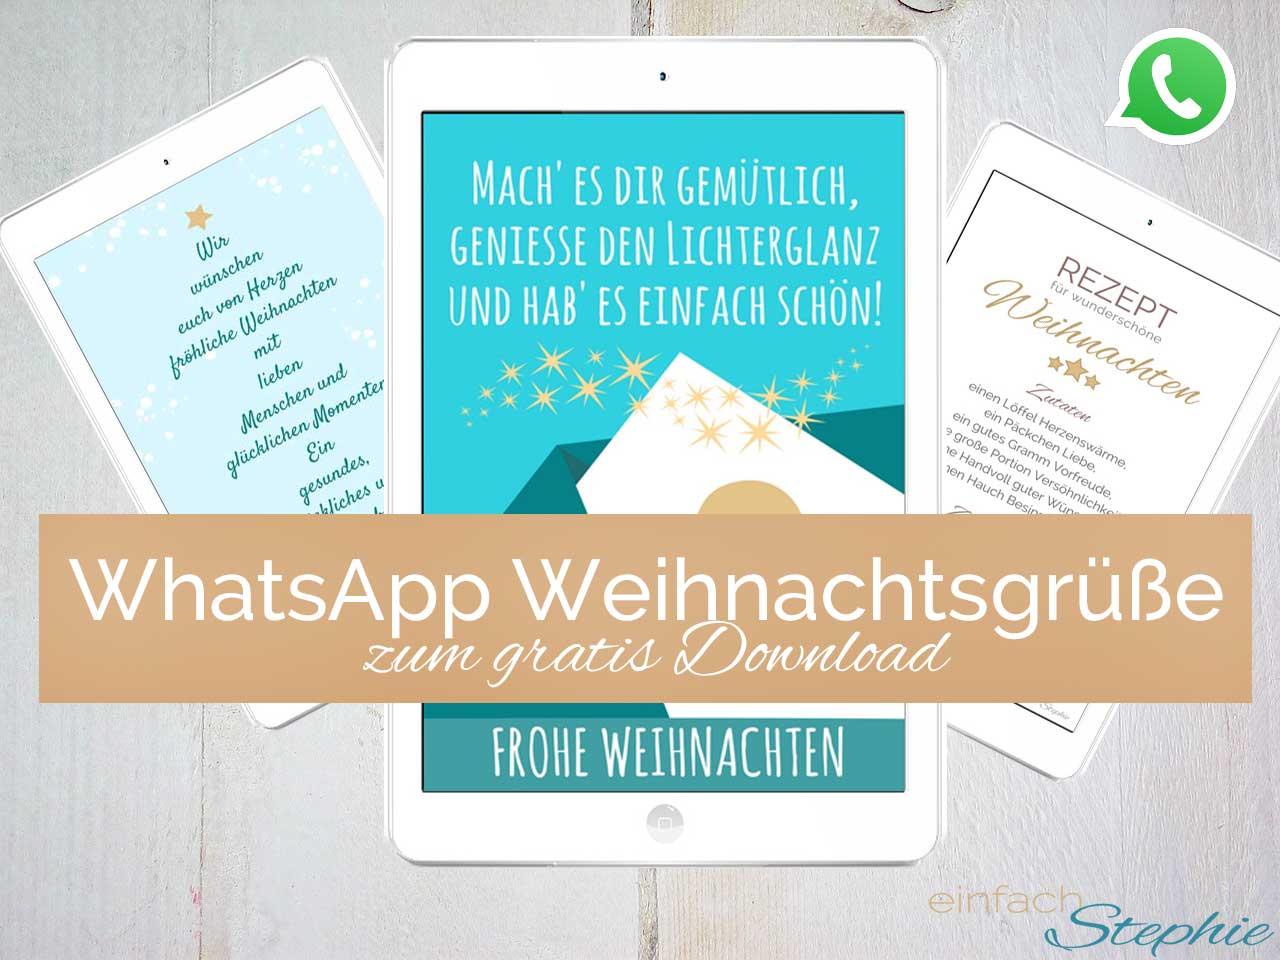 WhatsApp Weihnachstgrüße zum gratis Download bei einfachstephie.de